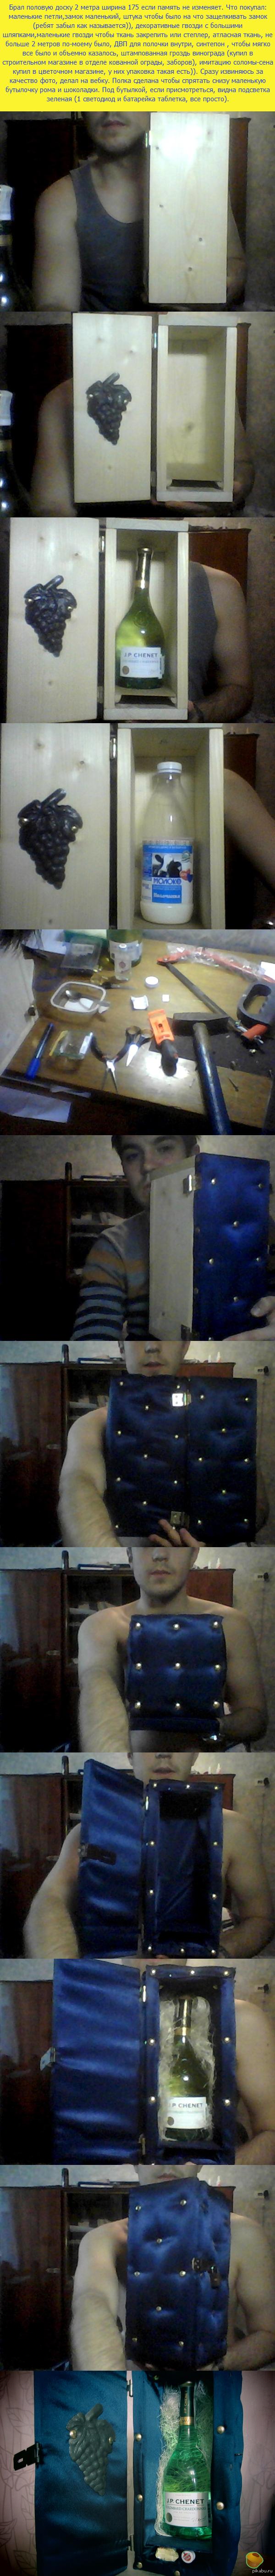 Коробка для алкоголя своими руками. Хороший и не сложный подарок. Делал сам. Замок + 1000 к защите от чужих ручонок))